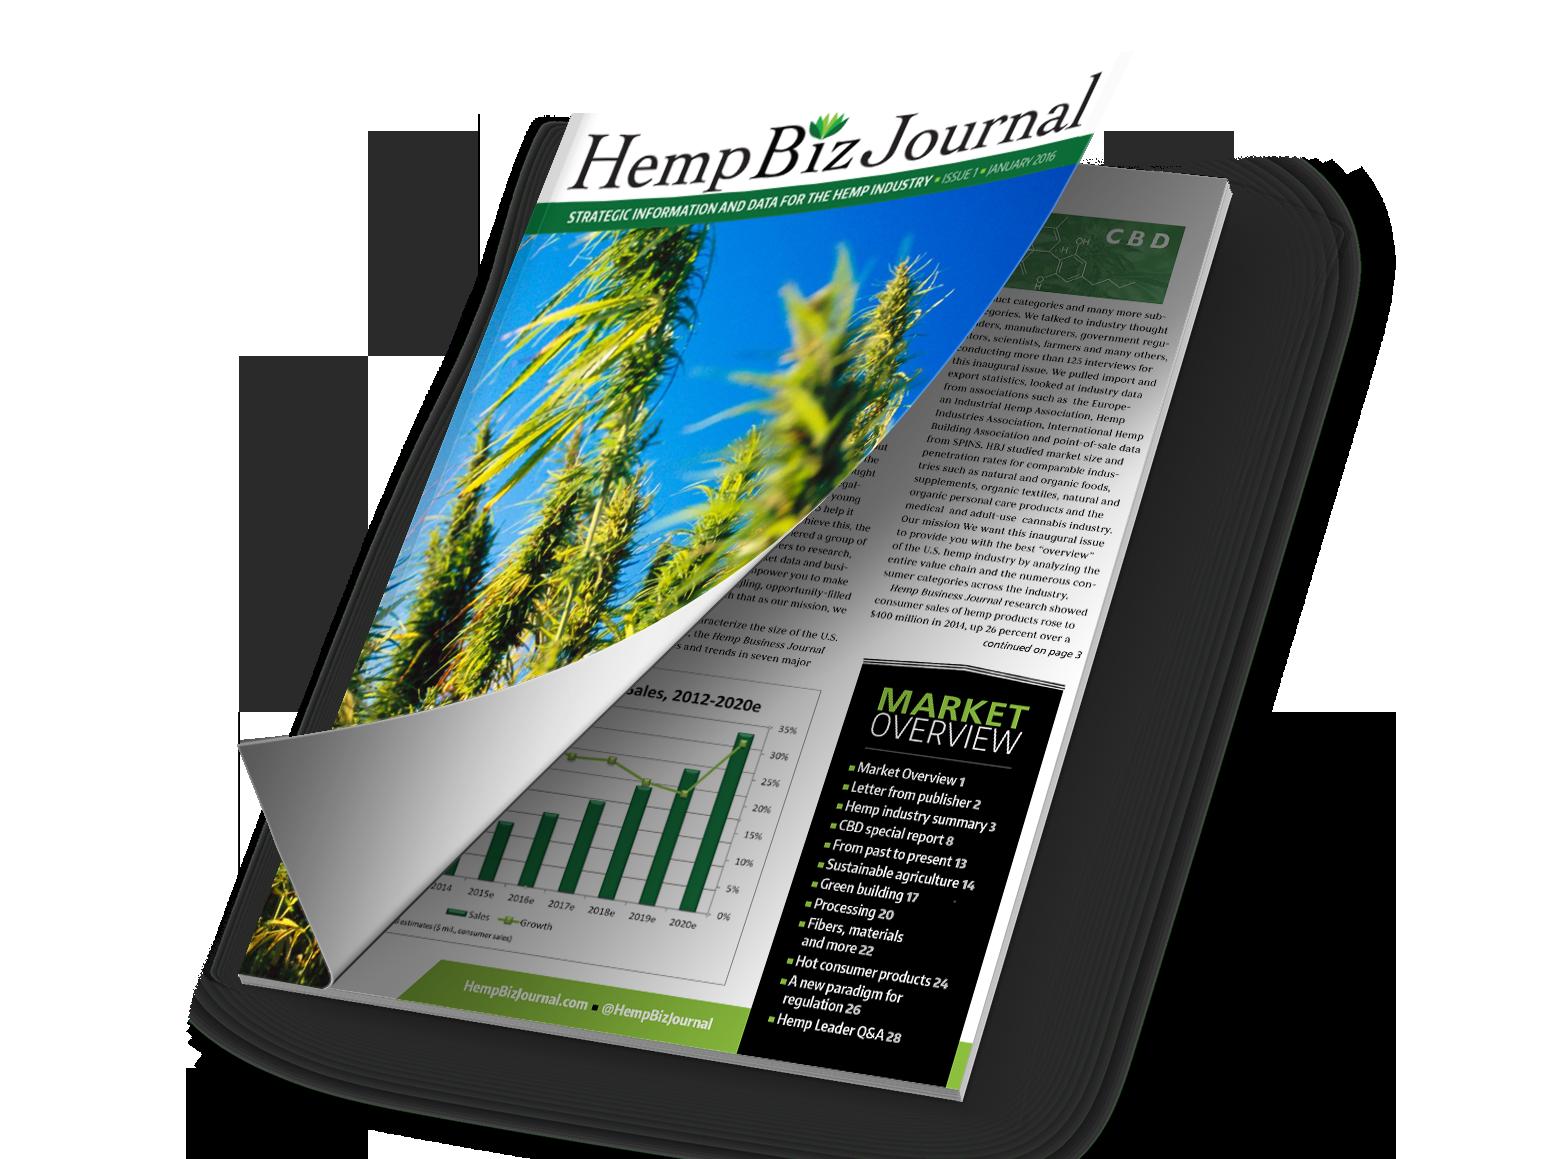 Hemp-Biz-Journal-Web-Cover